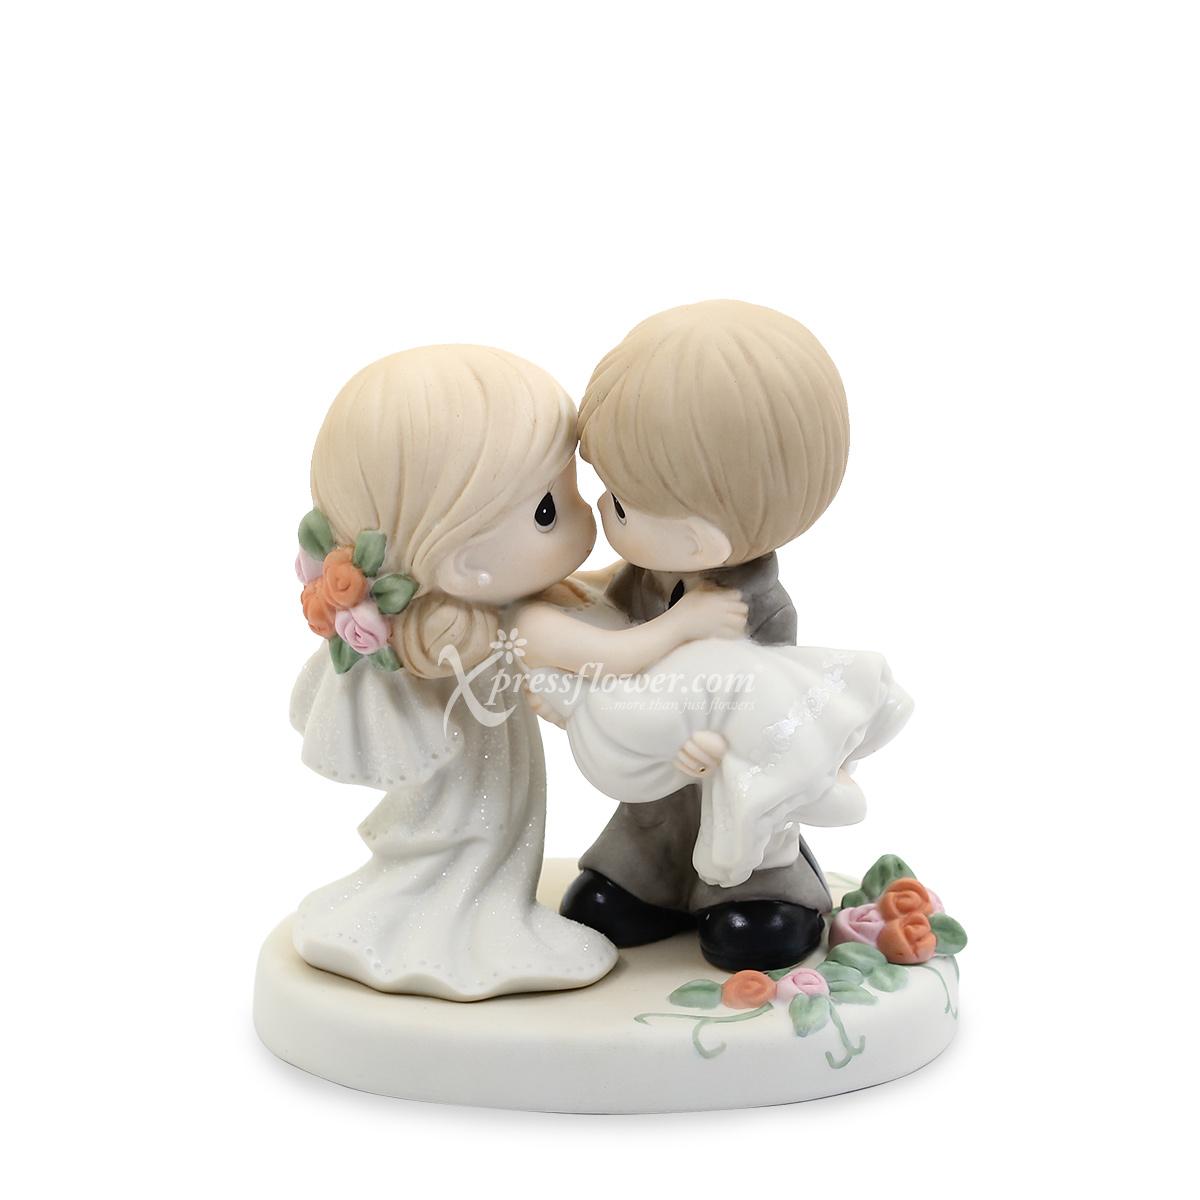 PCM2001 Fairest Bride